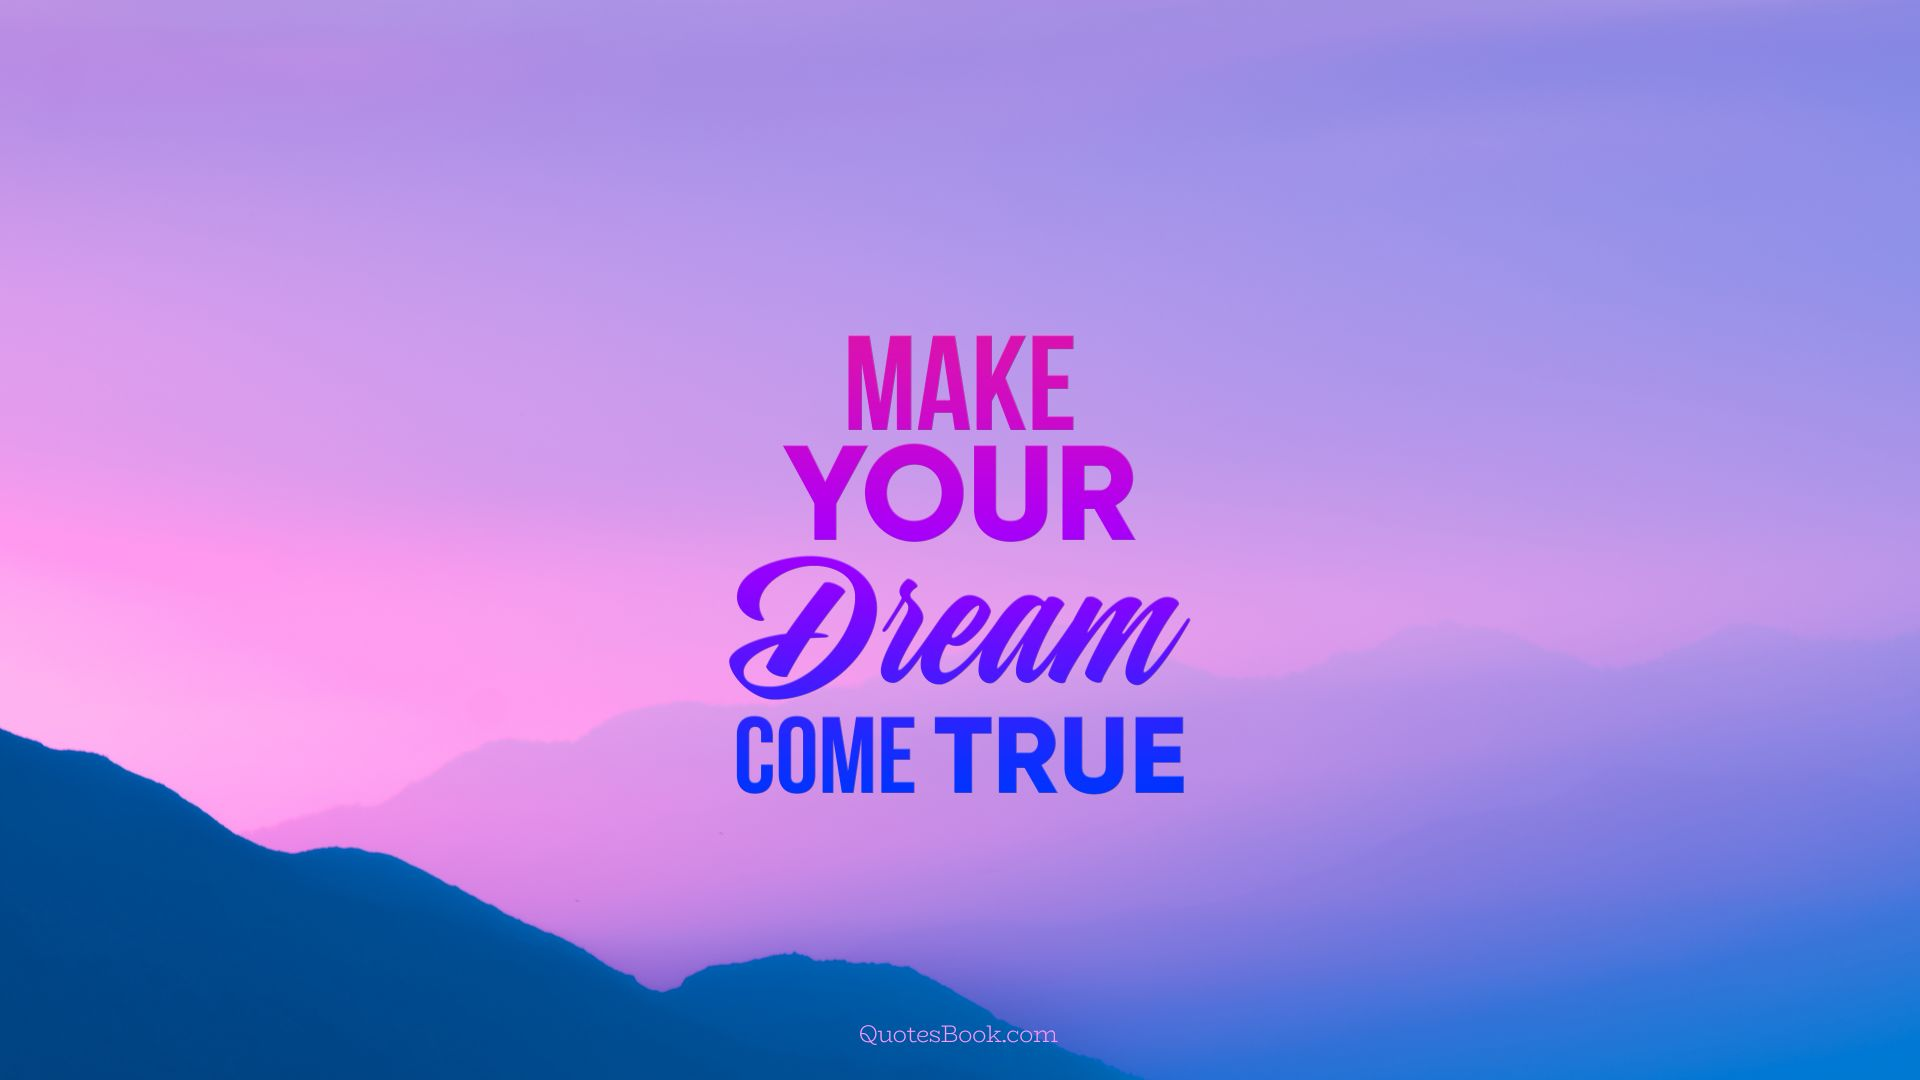 Dreams Come True Quotes